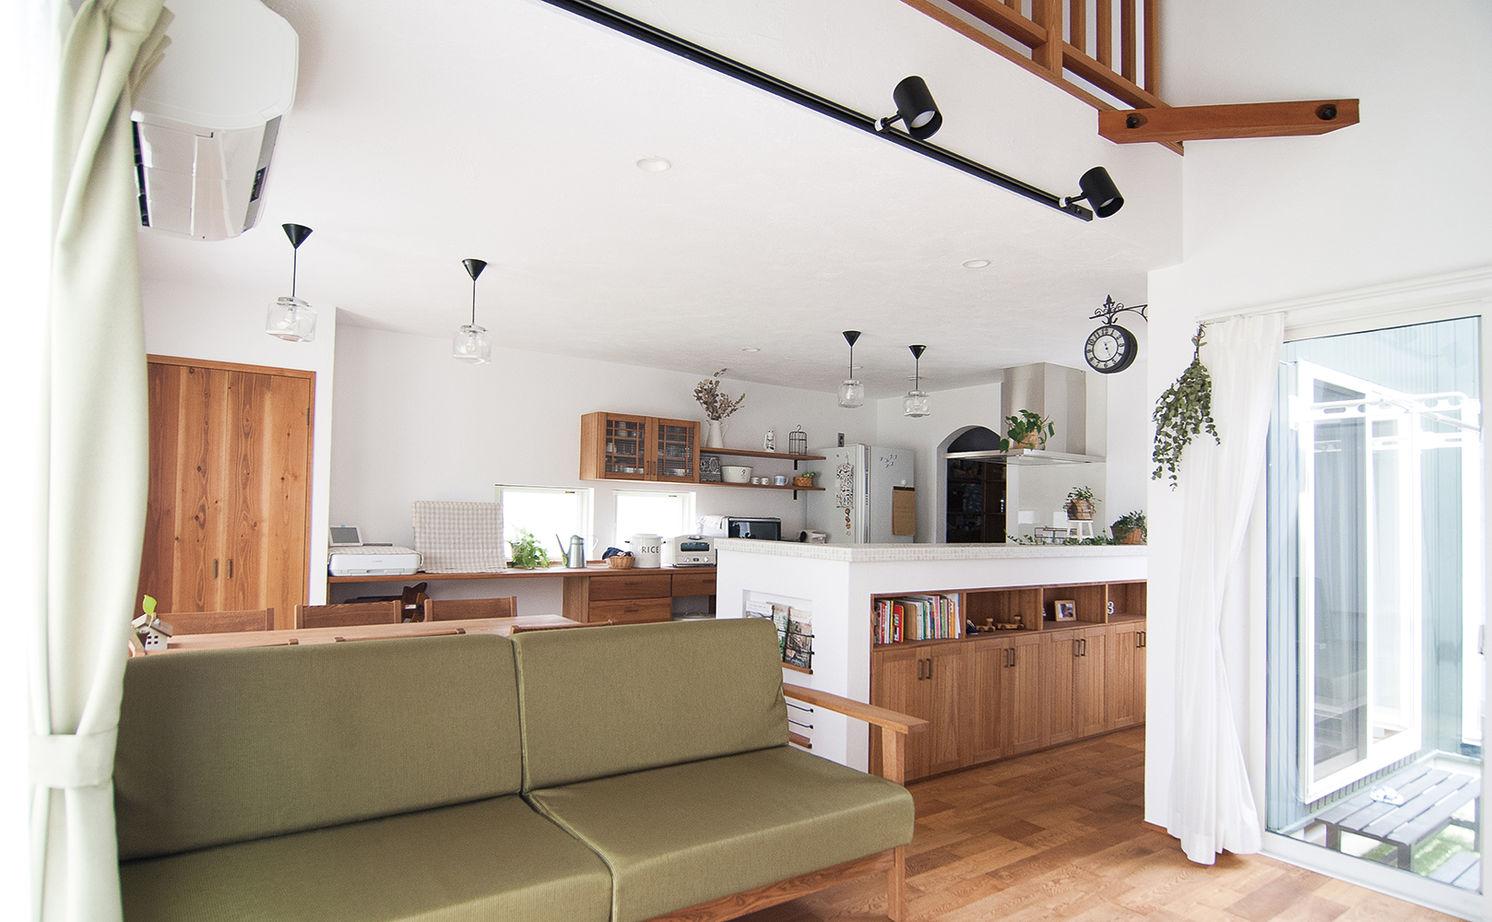 【平屋風×造作家具】手仕事が大好きな夫妻が選んだ、家具までハンドメイドの平屋風の住まい画像2